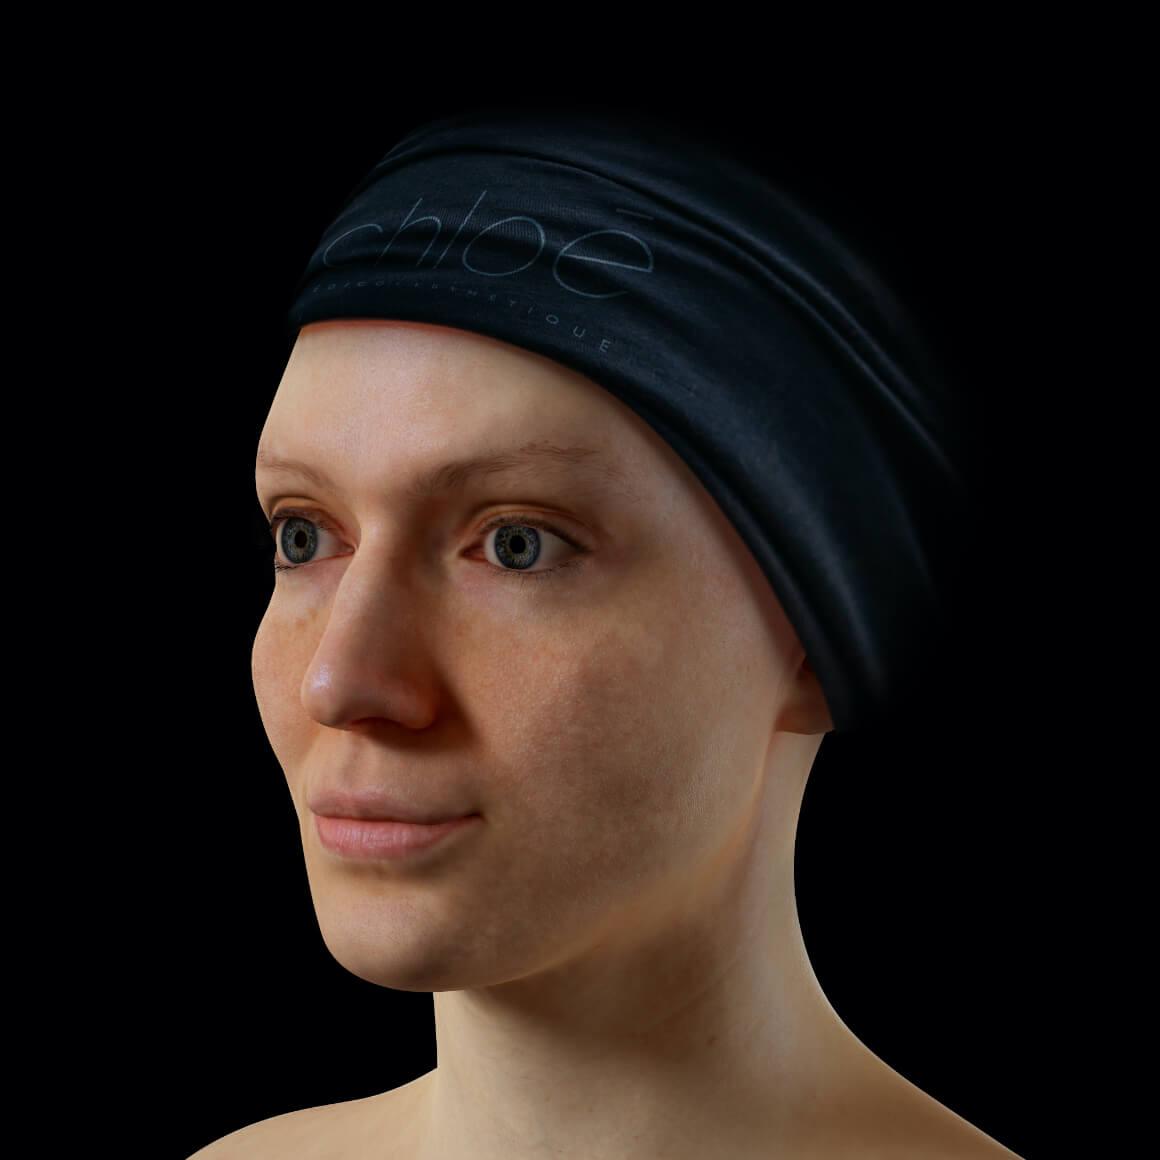 Patiente de la Clinique Chloé positionnée en angle ayant des pores dilatés sur la peau du visage